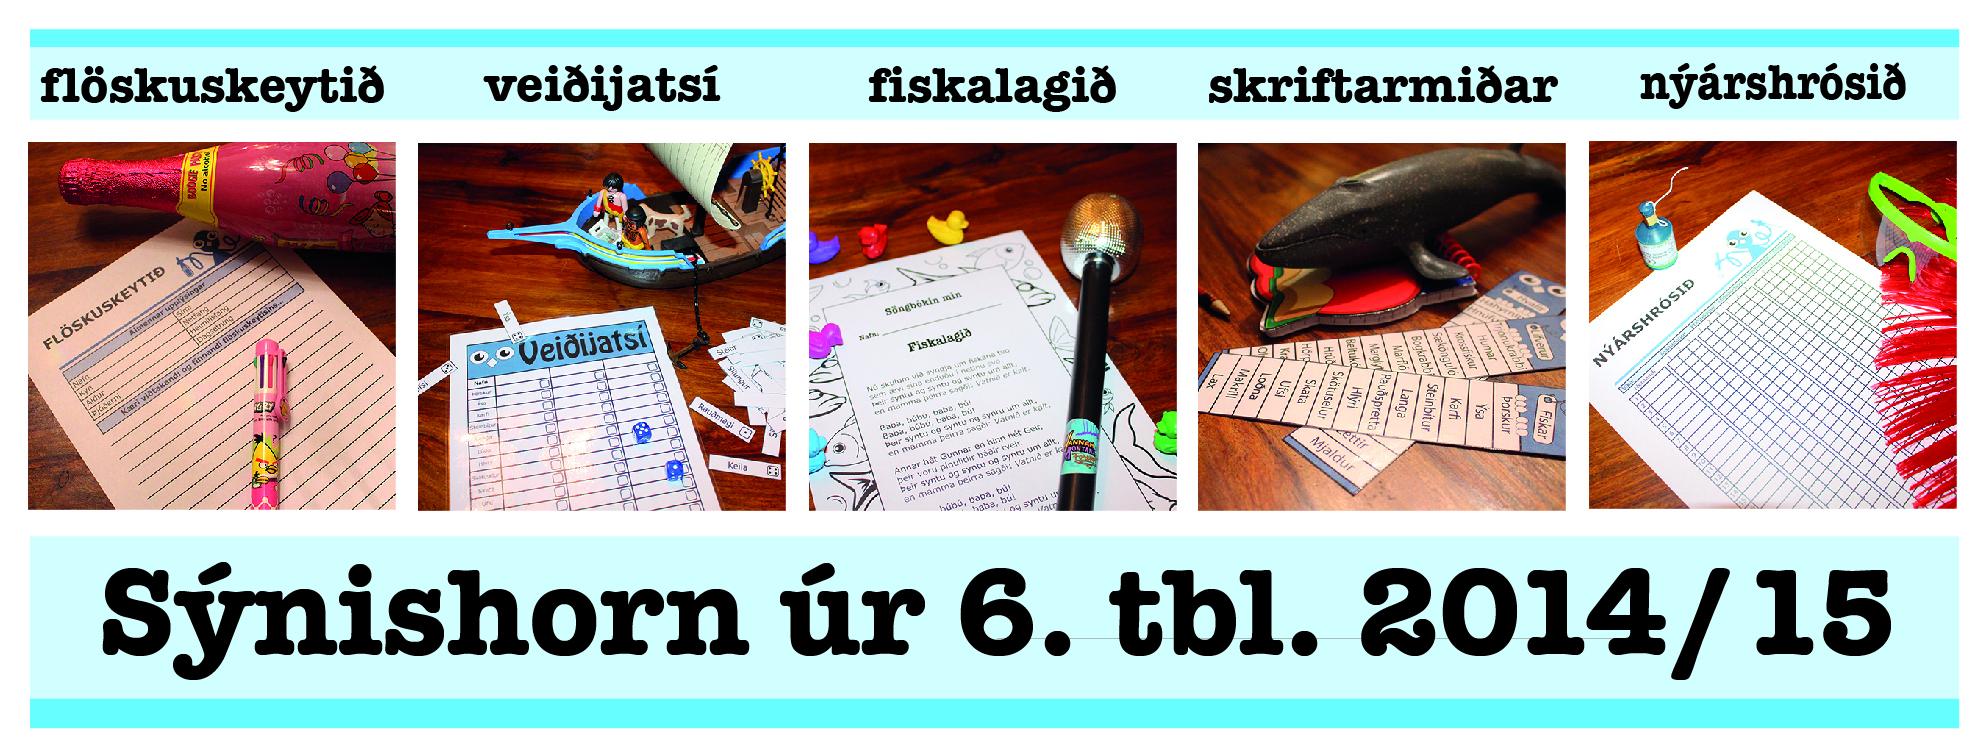 6. tölublað 2014-15